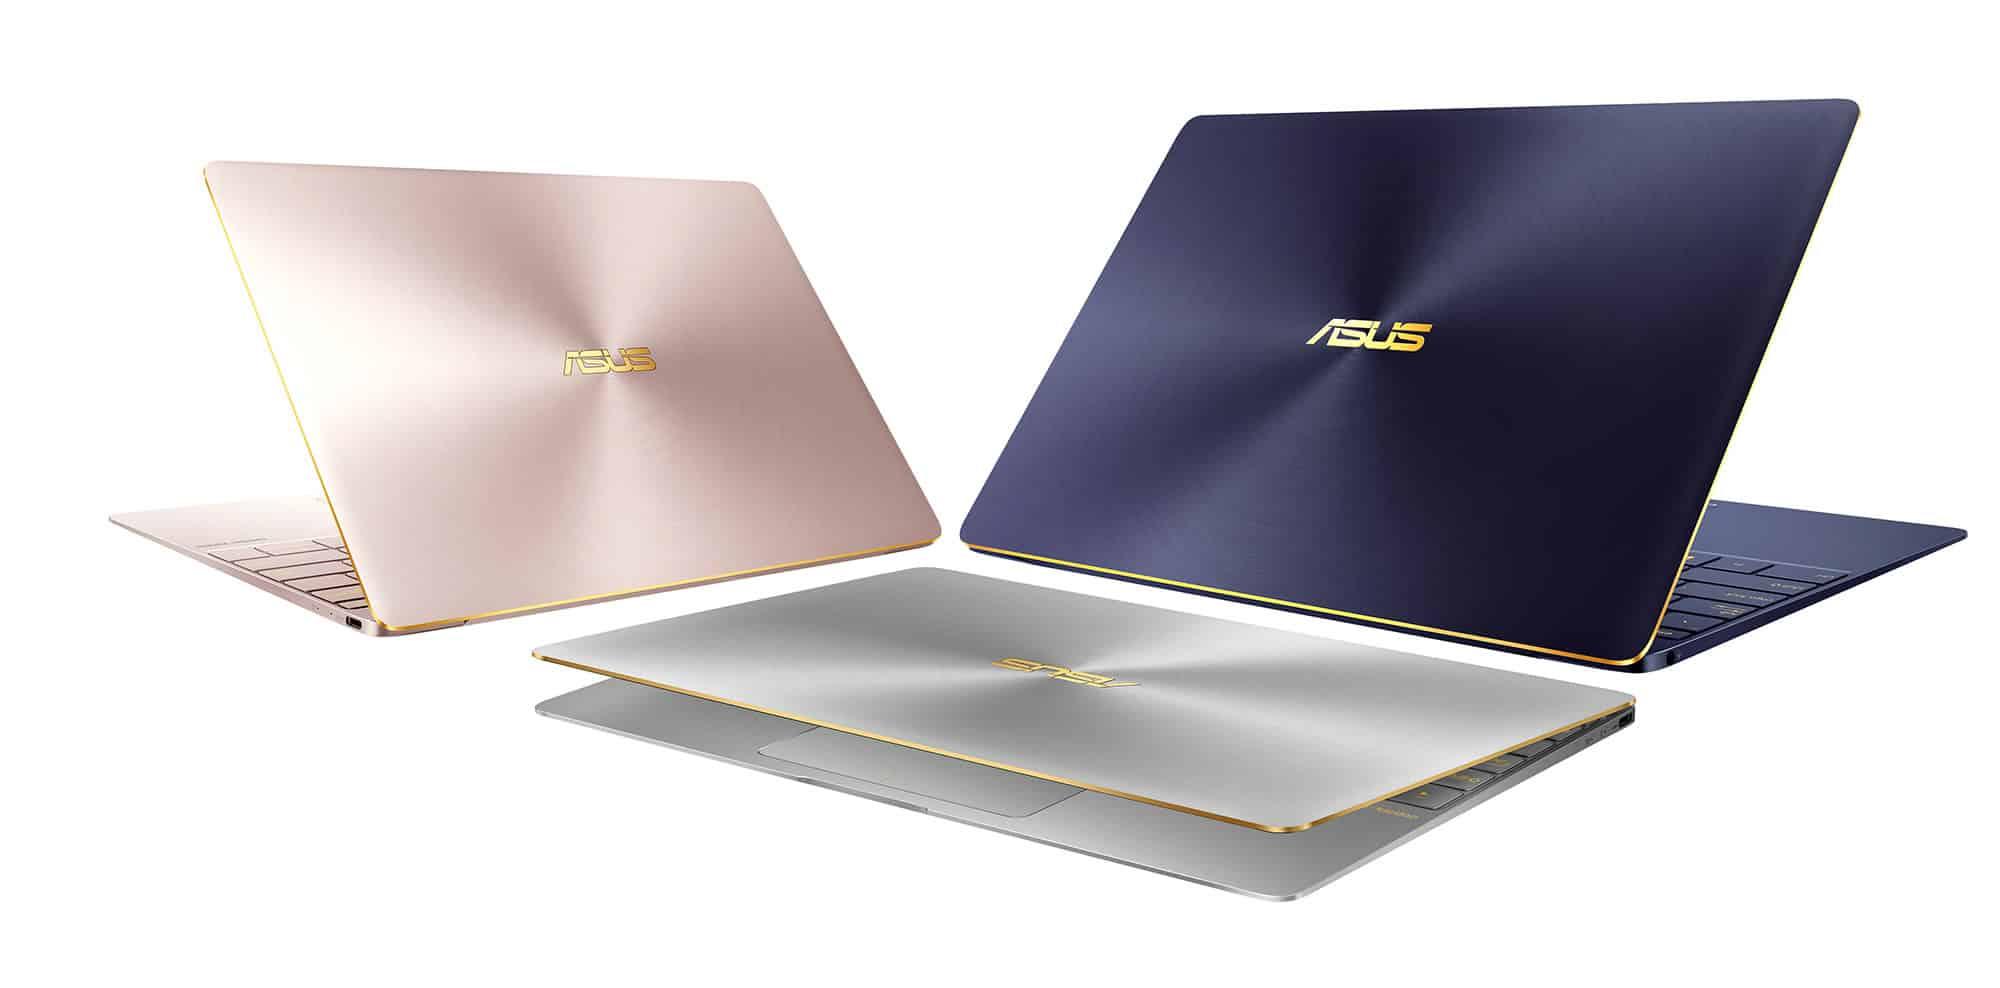 ASUS Zenbook 3 estará disponible en 3 colores.